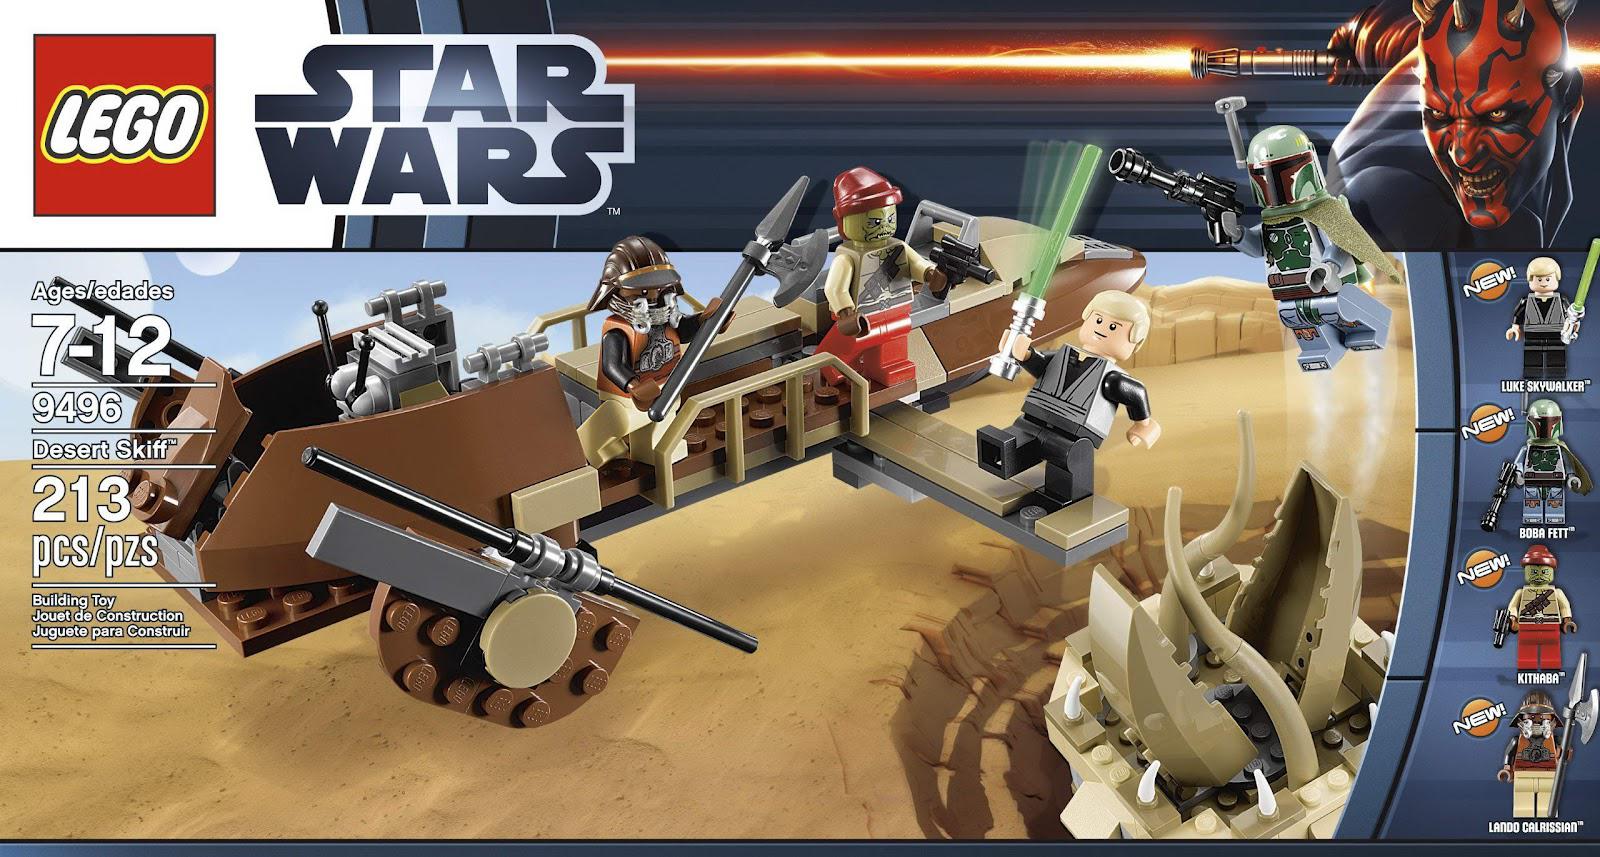 Lego 9496 Desert Skiff